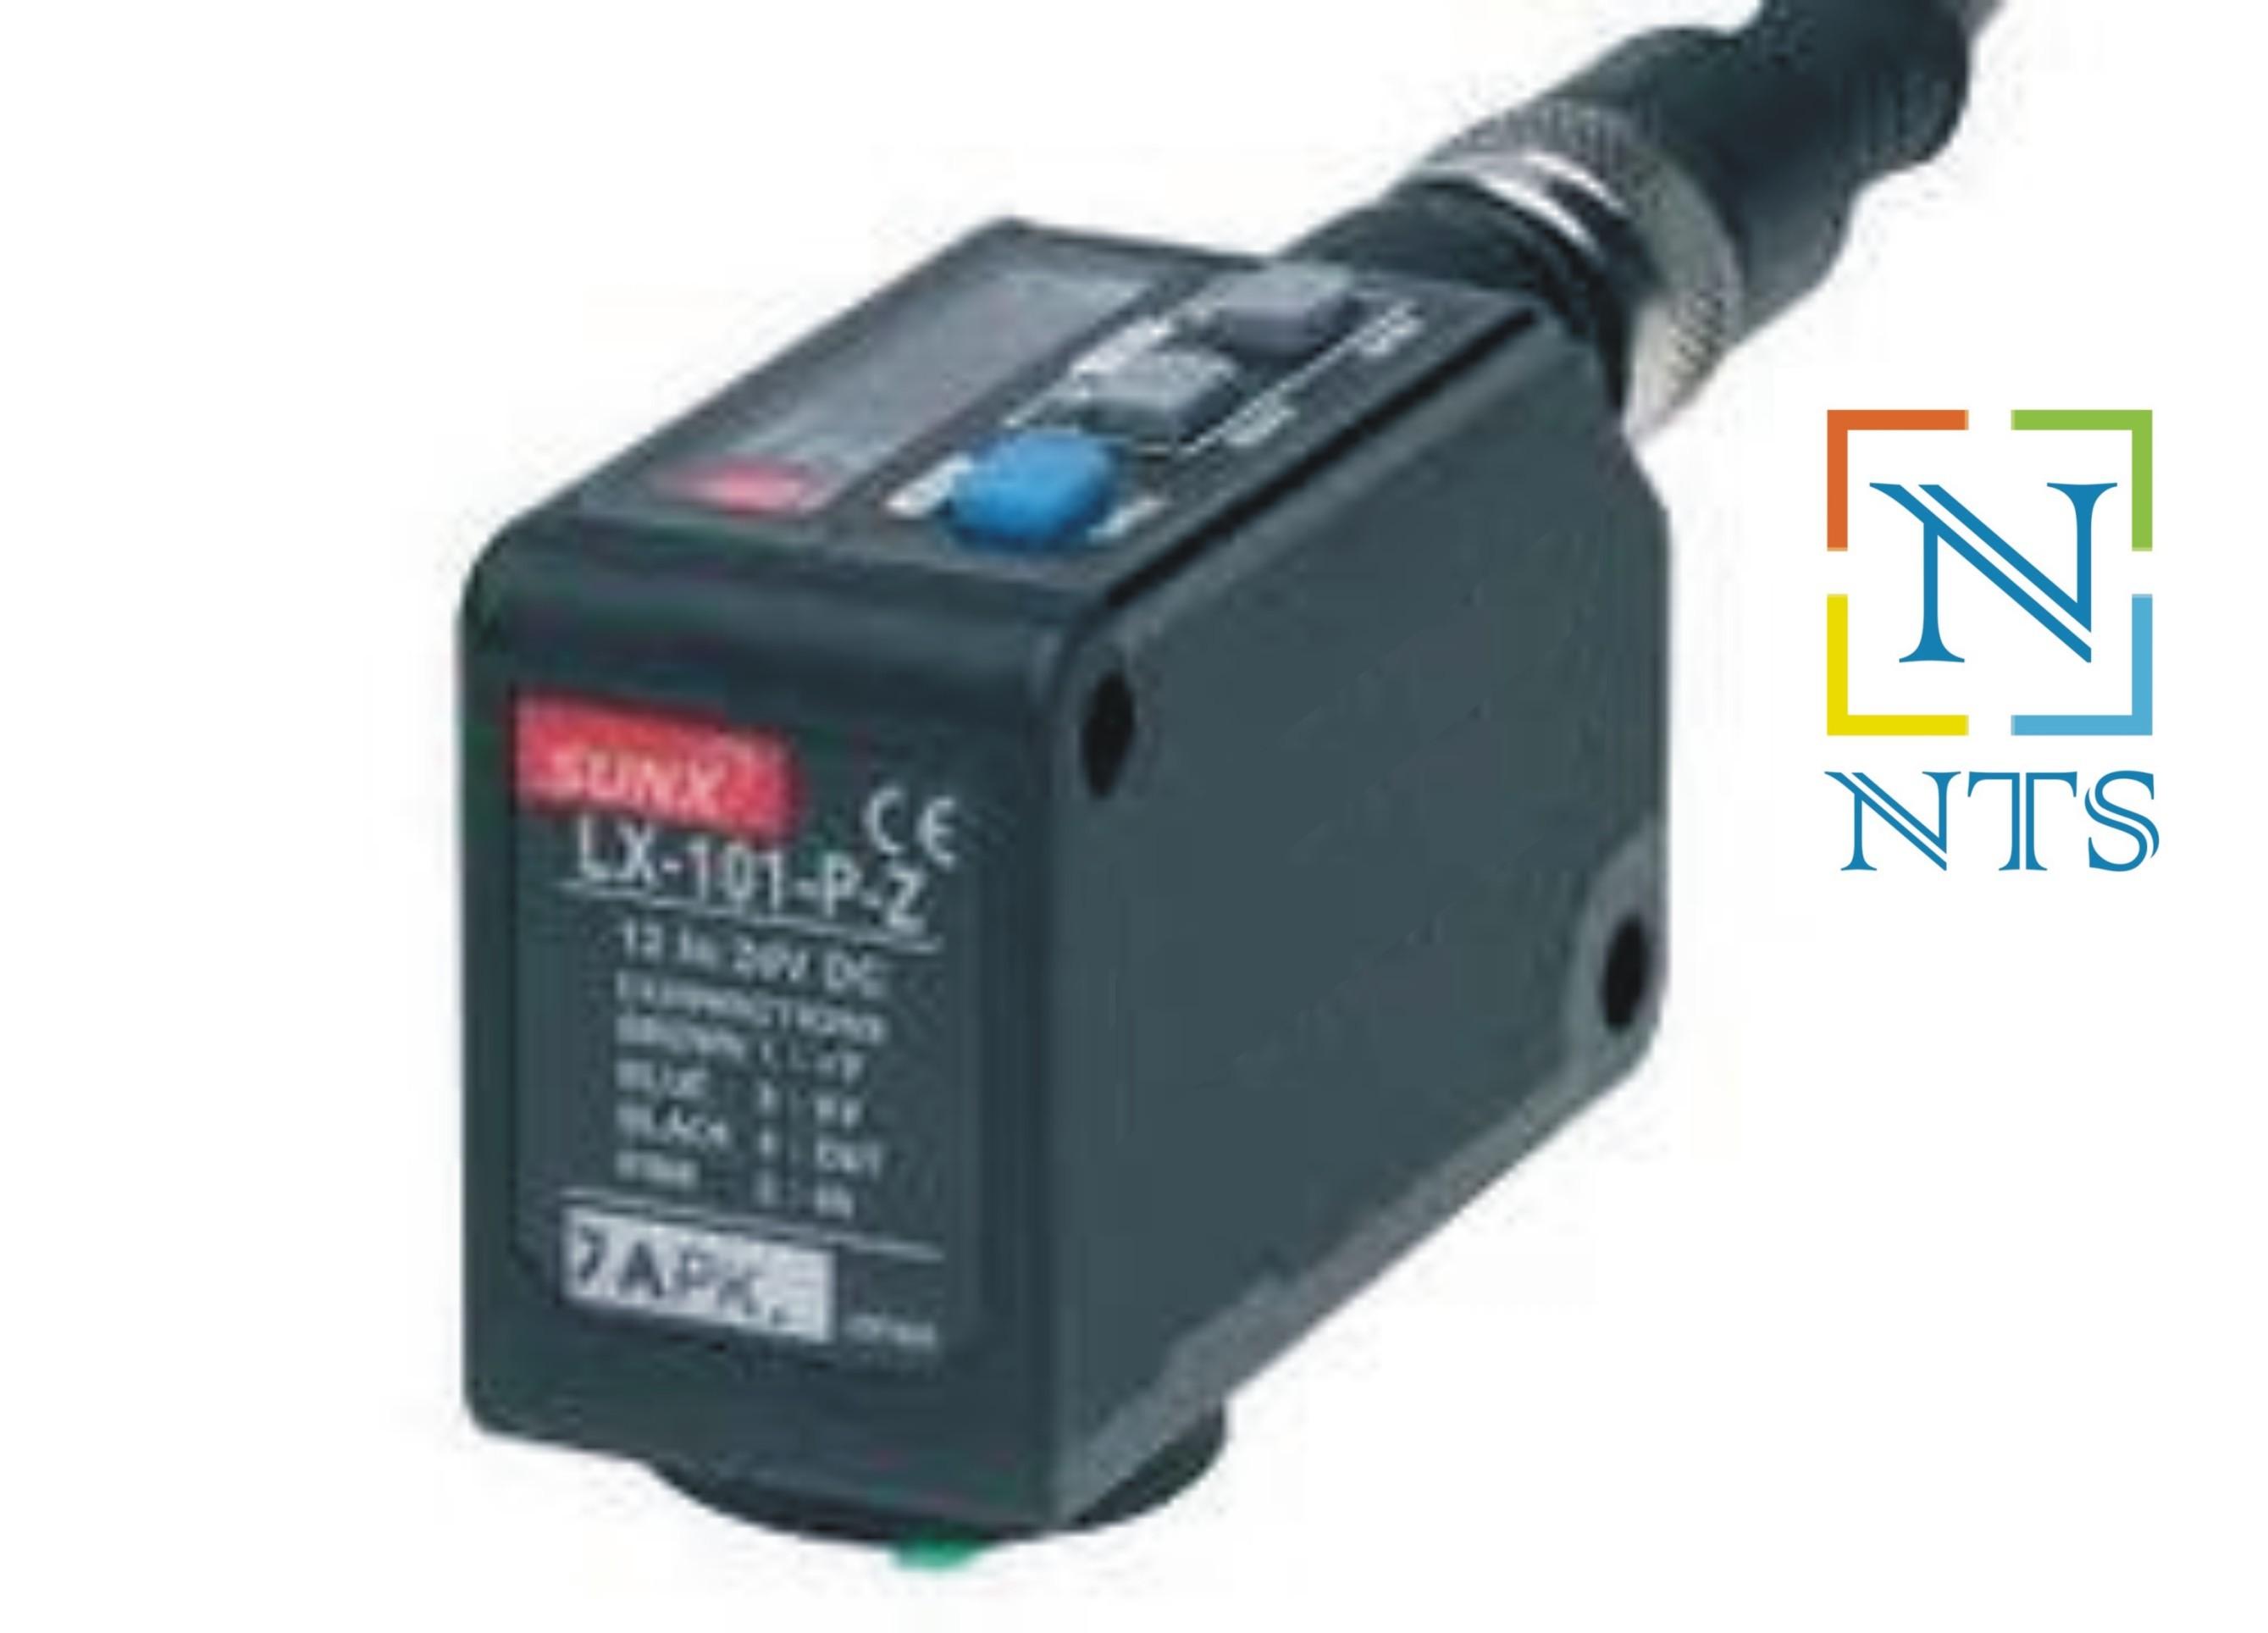 Panasonic LX-101-P-Z Color Sensor